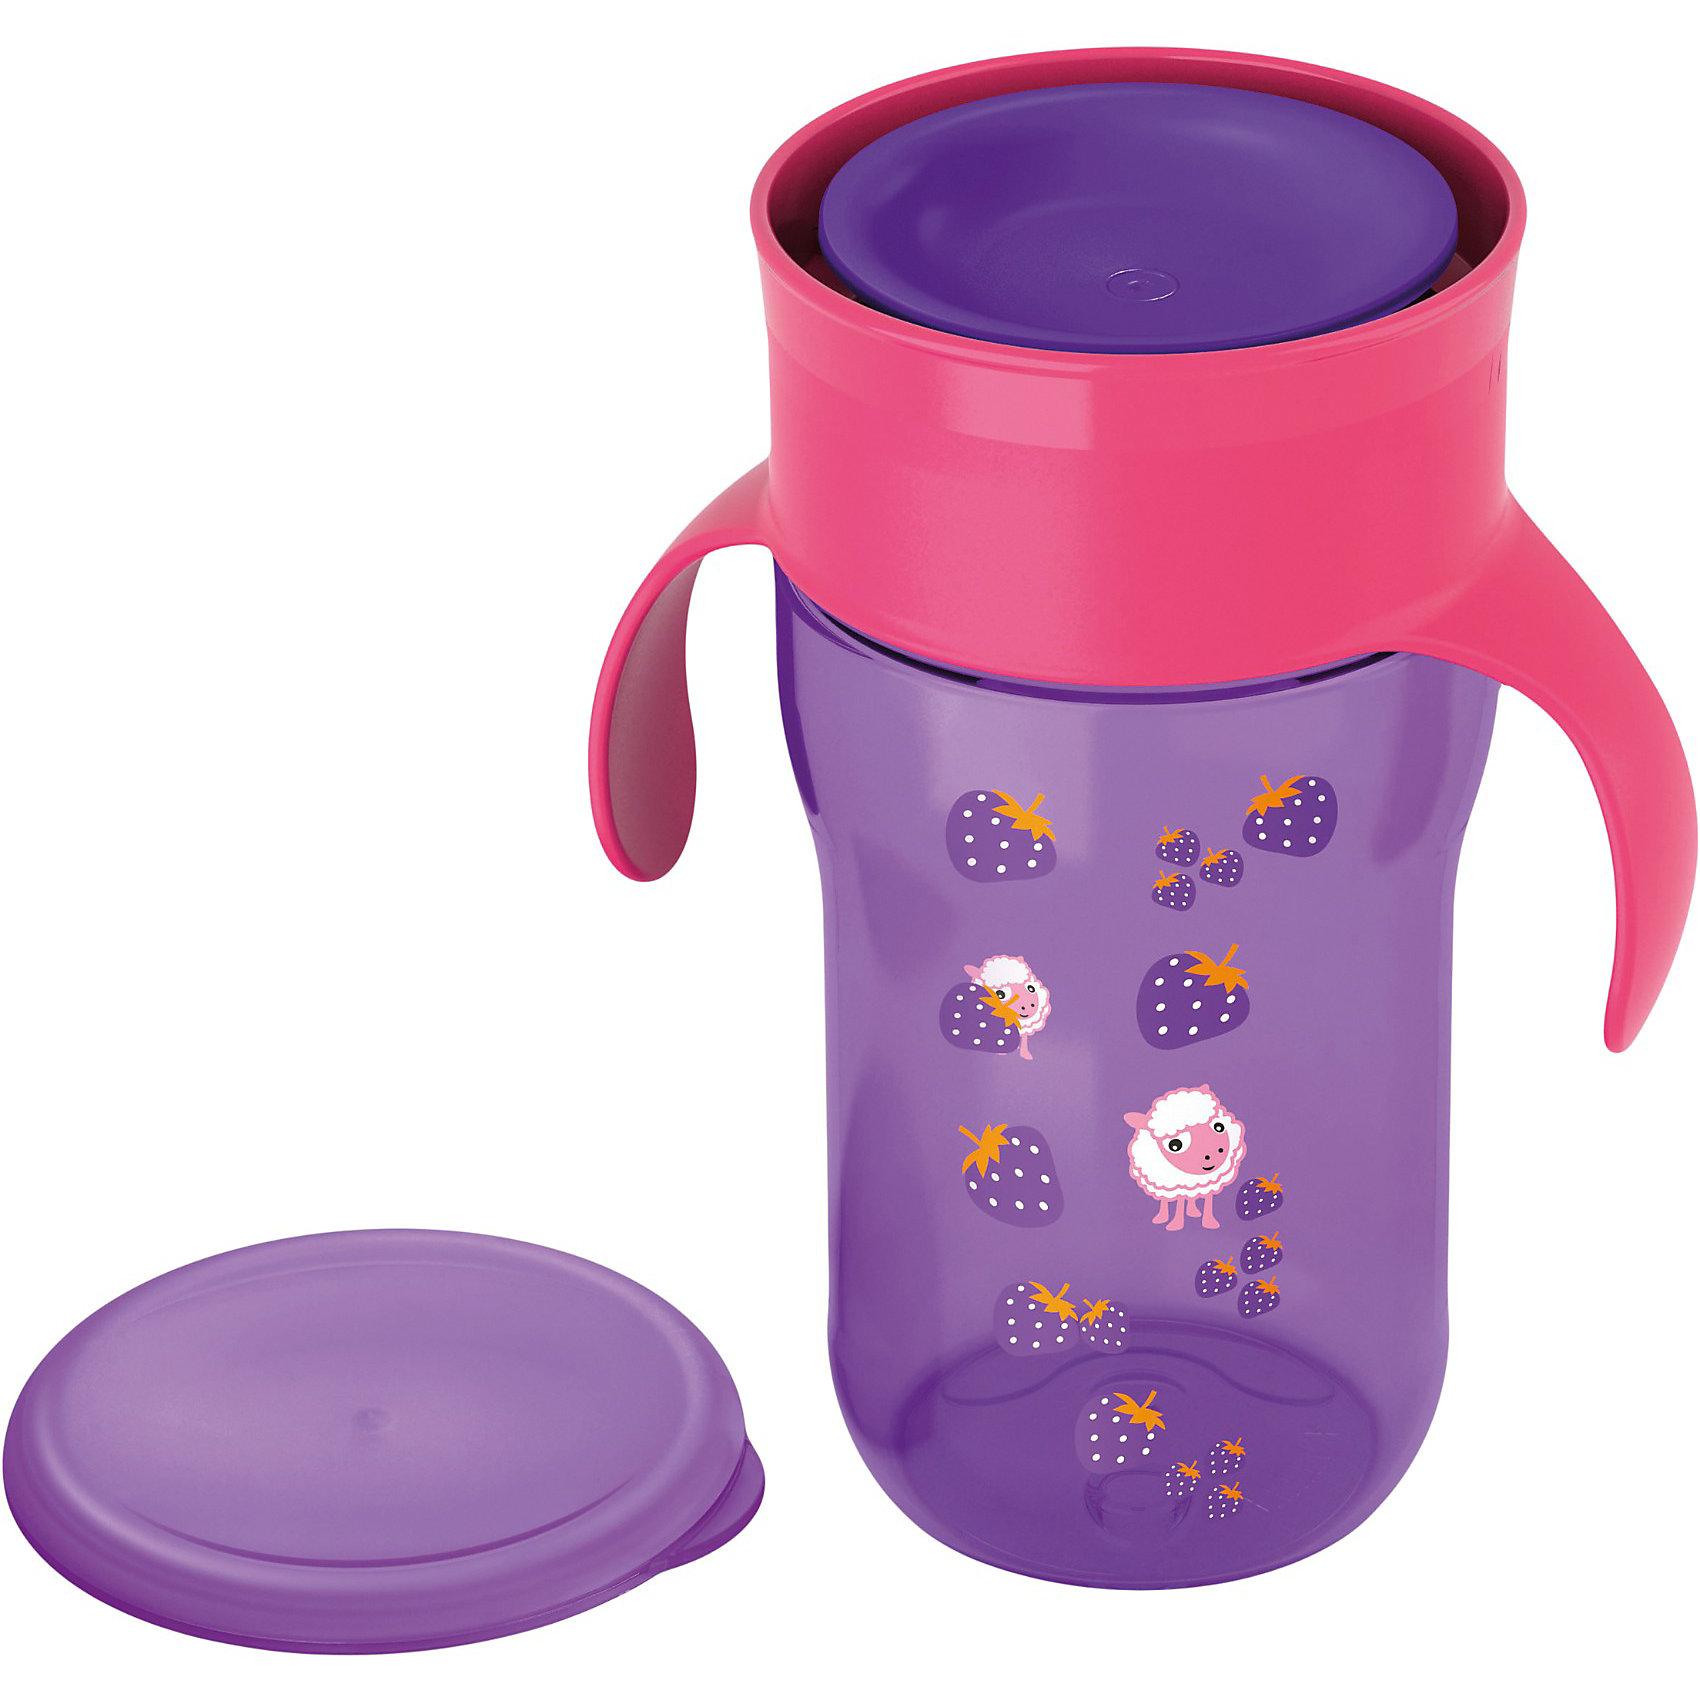 Поильник-чашка 340 мл., Avent, сиреневыйПоильники<br>Поильник-чашка Philips-Avent (Авент) идеально подойдет для малышей, которые учатся пить из чашки и уже могут самостоятельно держать кружку в руках. Из поильника можно пить как из стандартной взрослой чашки по всему краю, без носика и трубочки. Чашка оснащена специальным клапаном, который открывается при прикосновении губ ребенка, обеспечивает быстрый поток жидкости и предотвращает протекание и проливание. Ребенку приходится прилагать меньше усилий, что делает кормление более комфортным.<br><br>Обучающие ручки приучают малыша держать чашку и пить без посторонней помощи. Защитная гигиеническая крышка предохранит чашку от загрязнений и сохранит в чистоте во время прогулок и дома. Чашка имеет яркий, привлекательный для малыша дизайн с забавными рисунками. Можно стерилизовать и мыть в посудомоечной машине.<br><br>Дополнительная информация:<br><br>- Цвет: сиреневый.<br>- Материал: пластик.<br>- Объем: 340 мл.<br>- Возраст: от 18 мес.<br>- Размер: 9 х 11,6 х 19 см.<br>- Вес: 180 гр.<br><br>Чашку, Avent (Авент), 340 мл., сиреневую можно купить в нашем магазине.<br><br>Ширина мм: 90<br>Глубина мм: 116<br>Высота мм: 190<br>Вес г: 161<br>Цвет: сиреневый<br>Возраст от месяцев: 18<br>Возраст до месяцев: 36<br>Пол: Унисекс<br>Возраст: Детский<br>SKU: 3770431